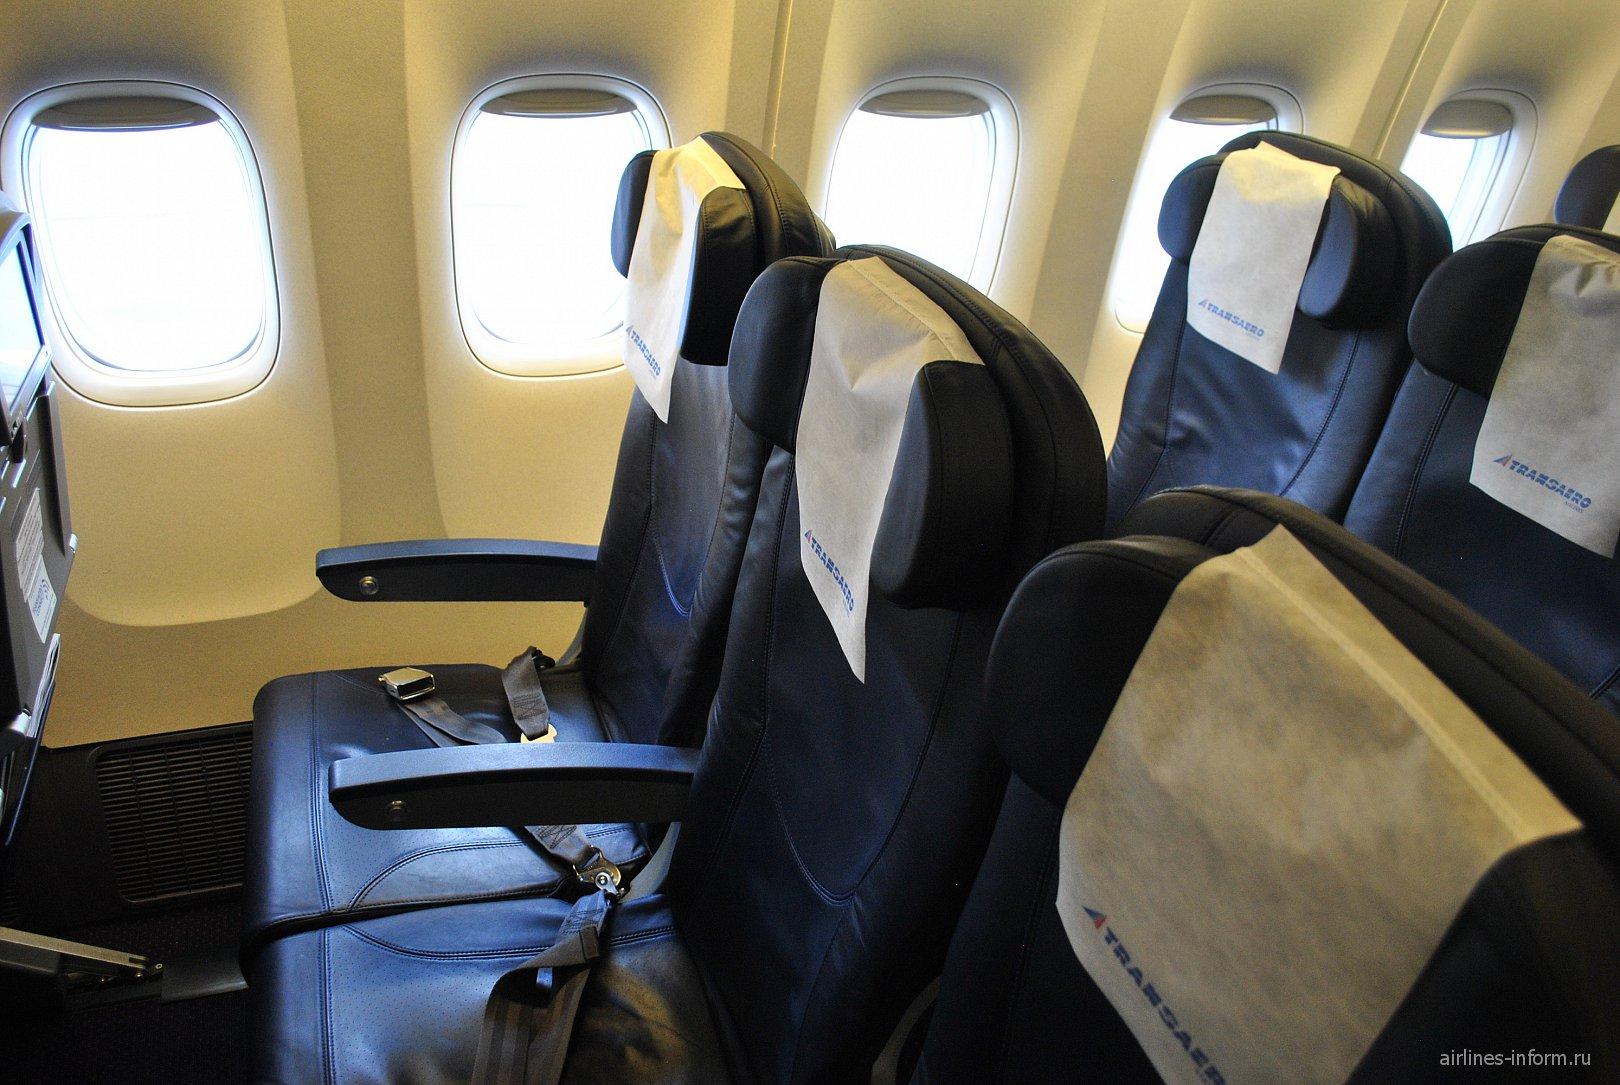 Пассажирское кресло эконом-класса в самолете Боинг-777-300 Трансаэро